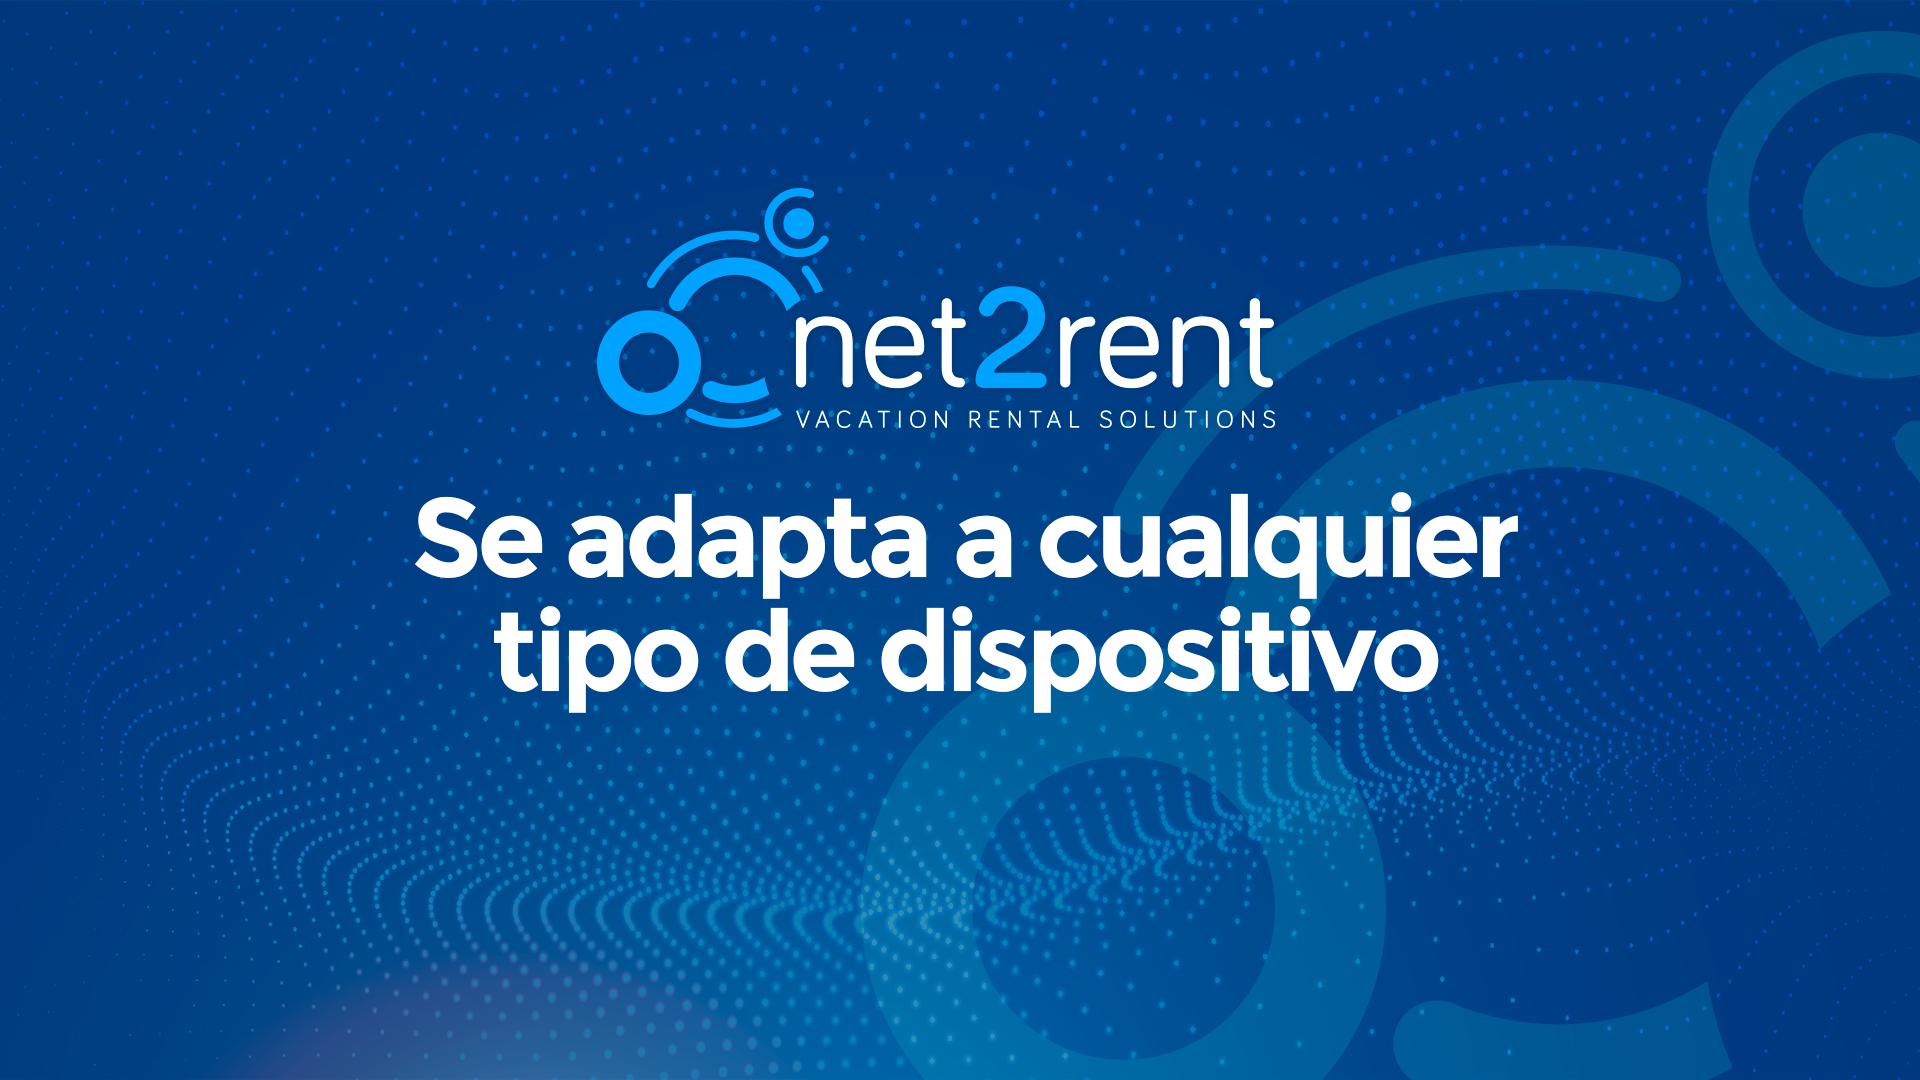 Guías Rápidas de net2rent - 02 - NET2RENT SE ADAPTA A CUALQUIER DISPOSITIVO